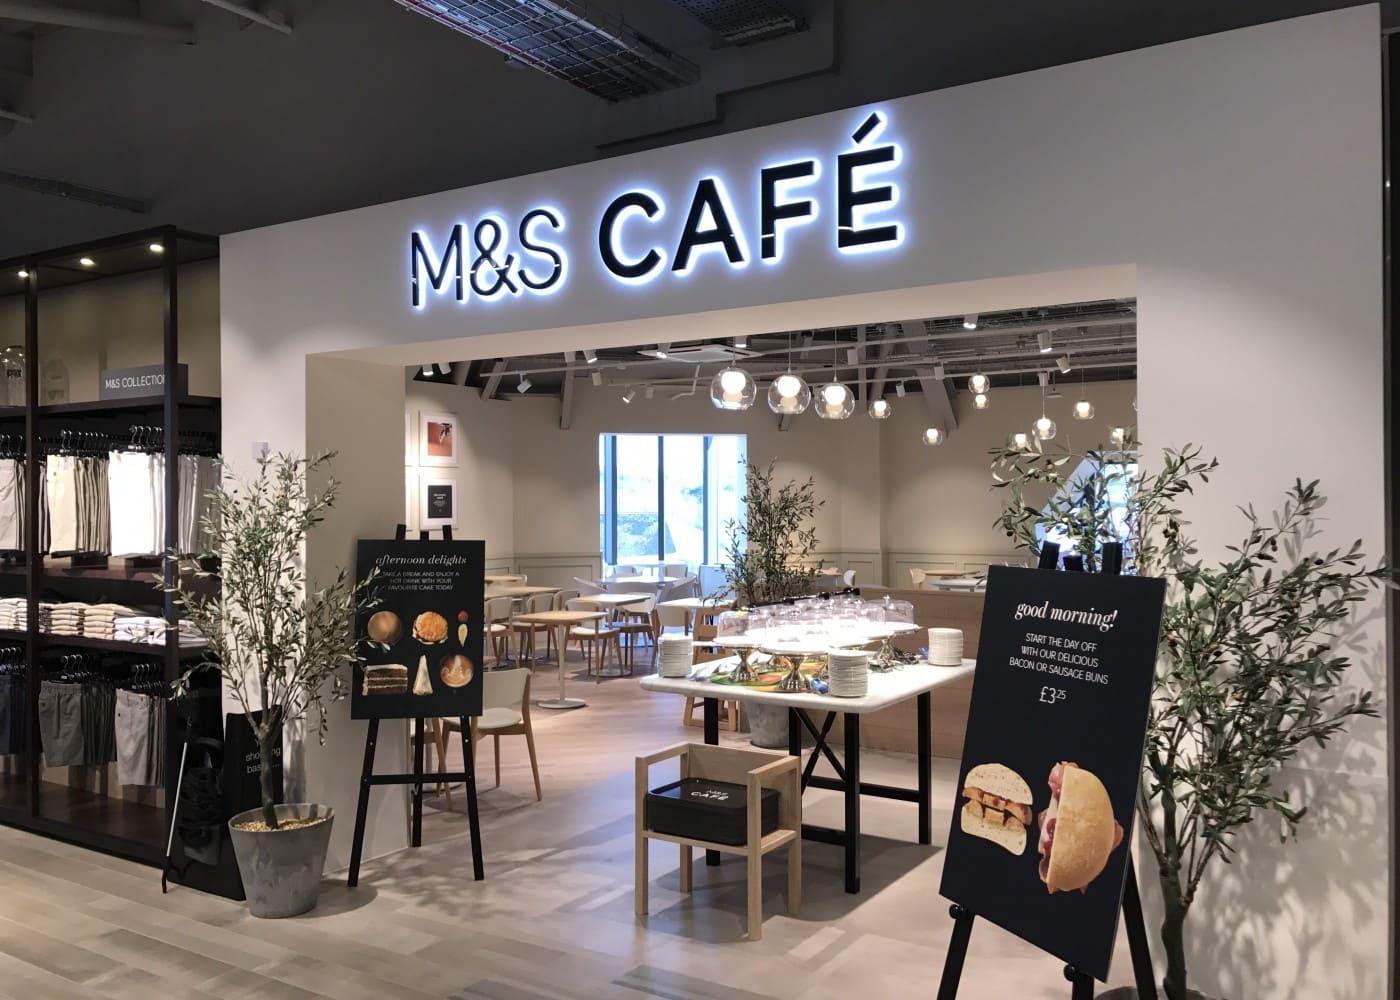 hospitality lighting design: M&S cafe exterior